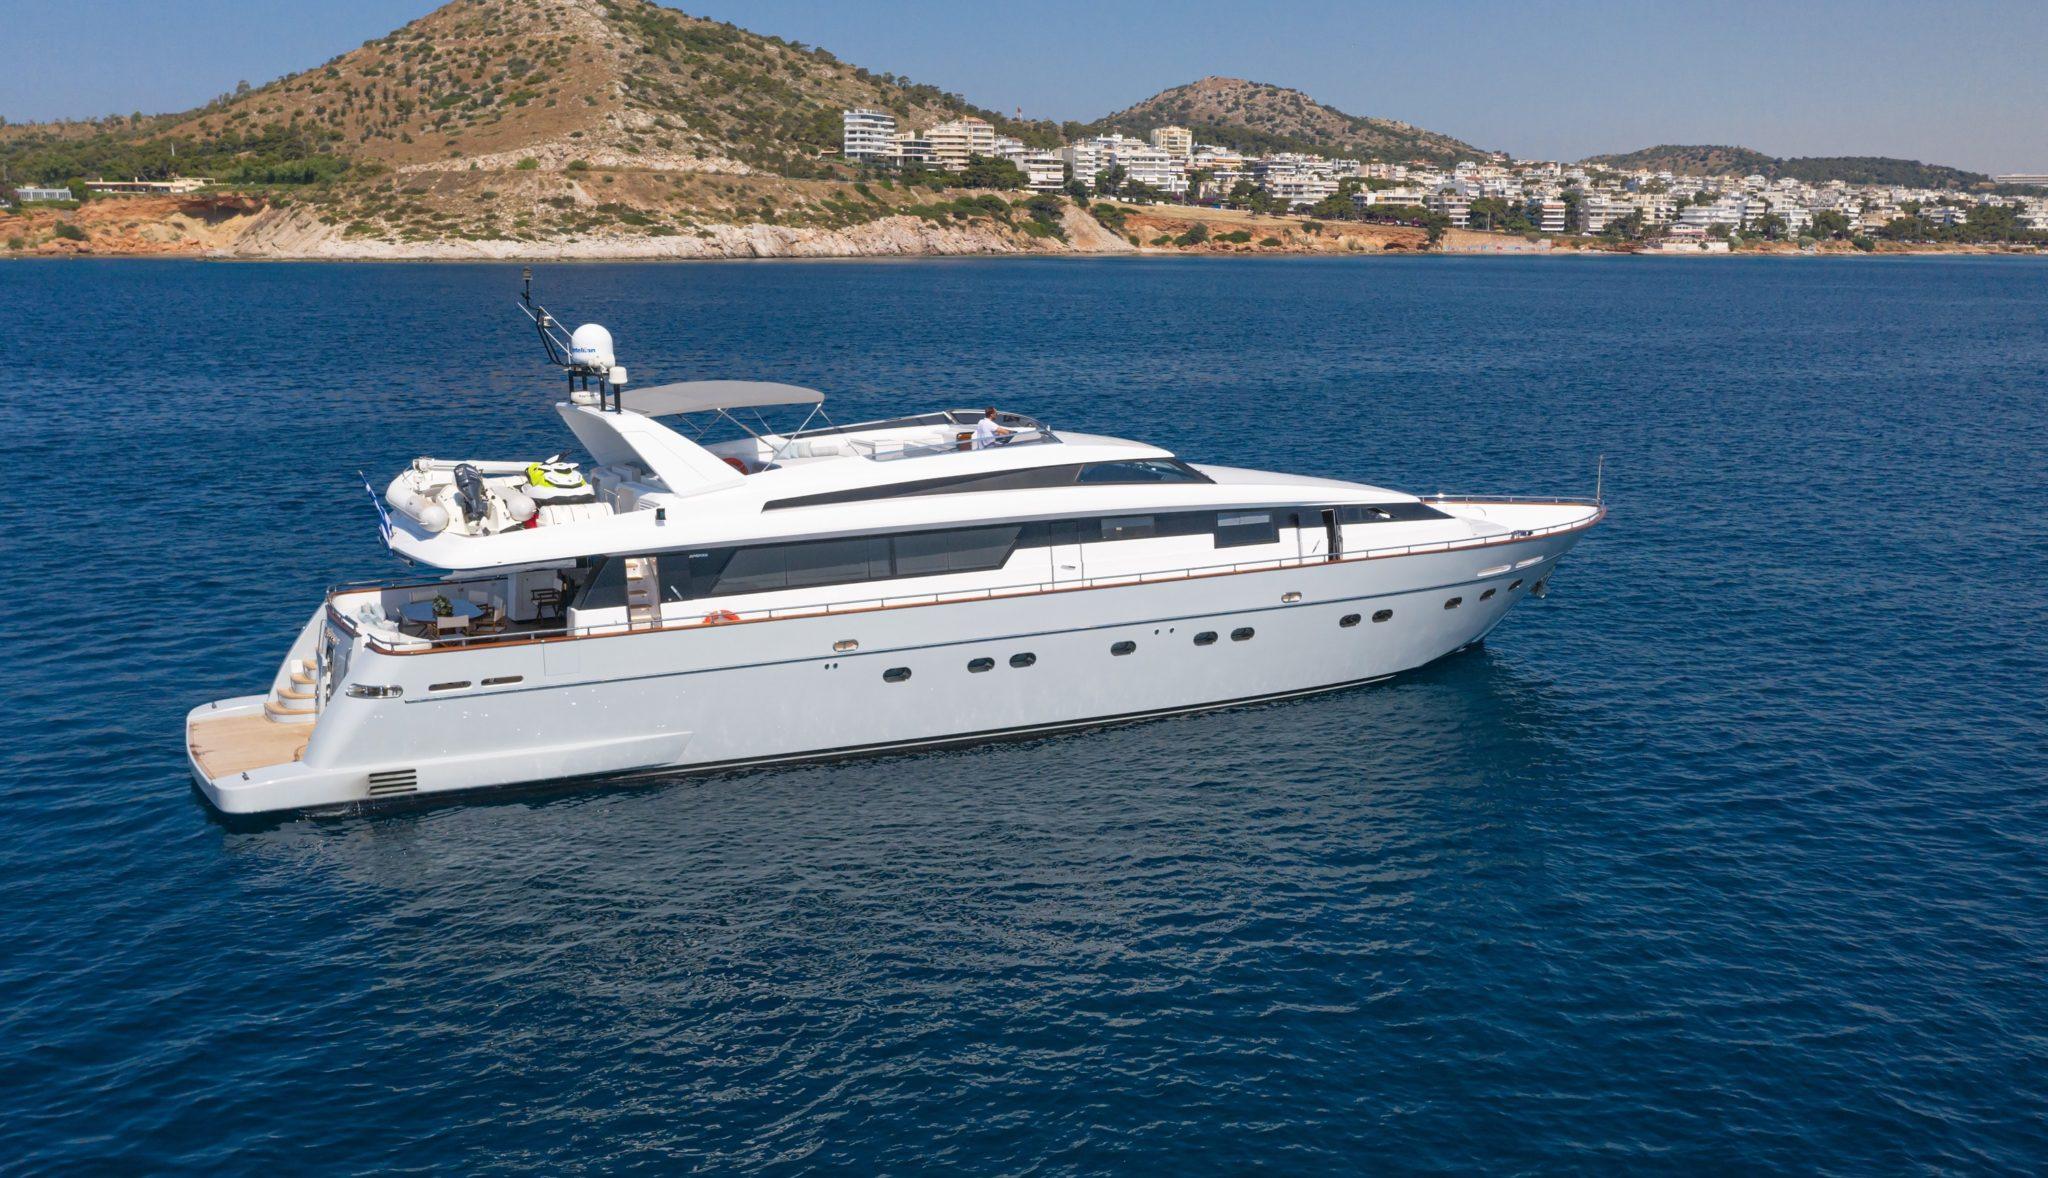 grace motor yacht profile shot (1) min -  Valef Yachts Chartering - 0686